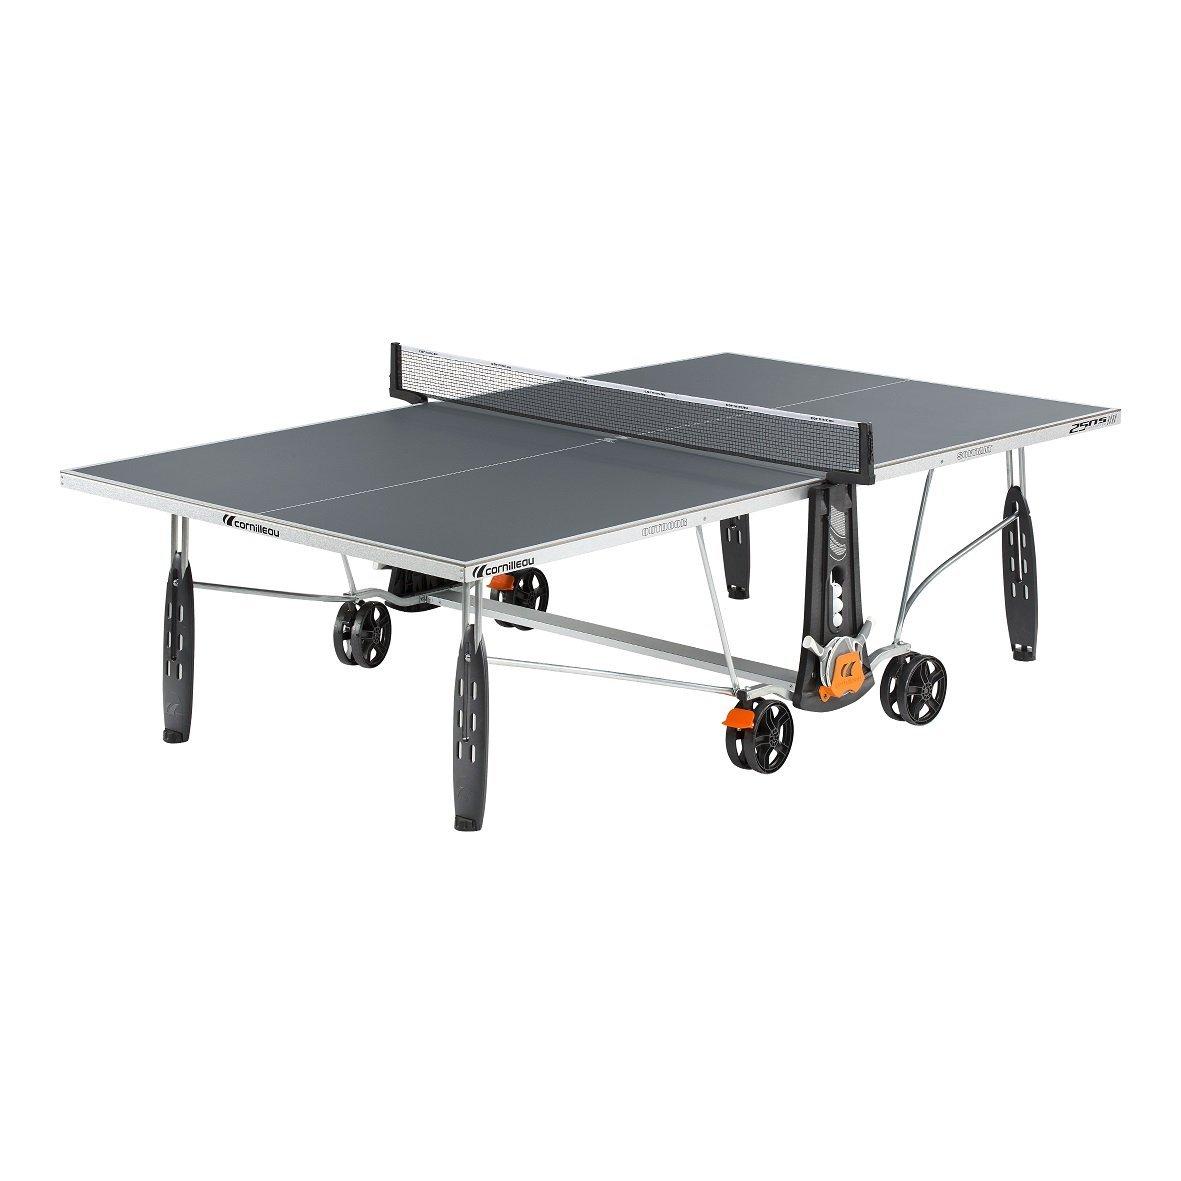 table extérieur cornilleau sport 250s